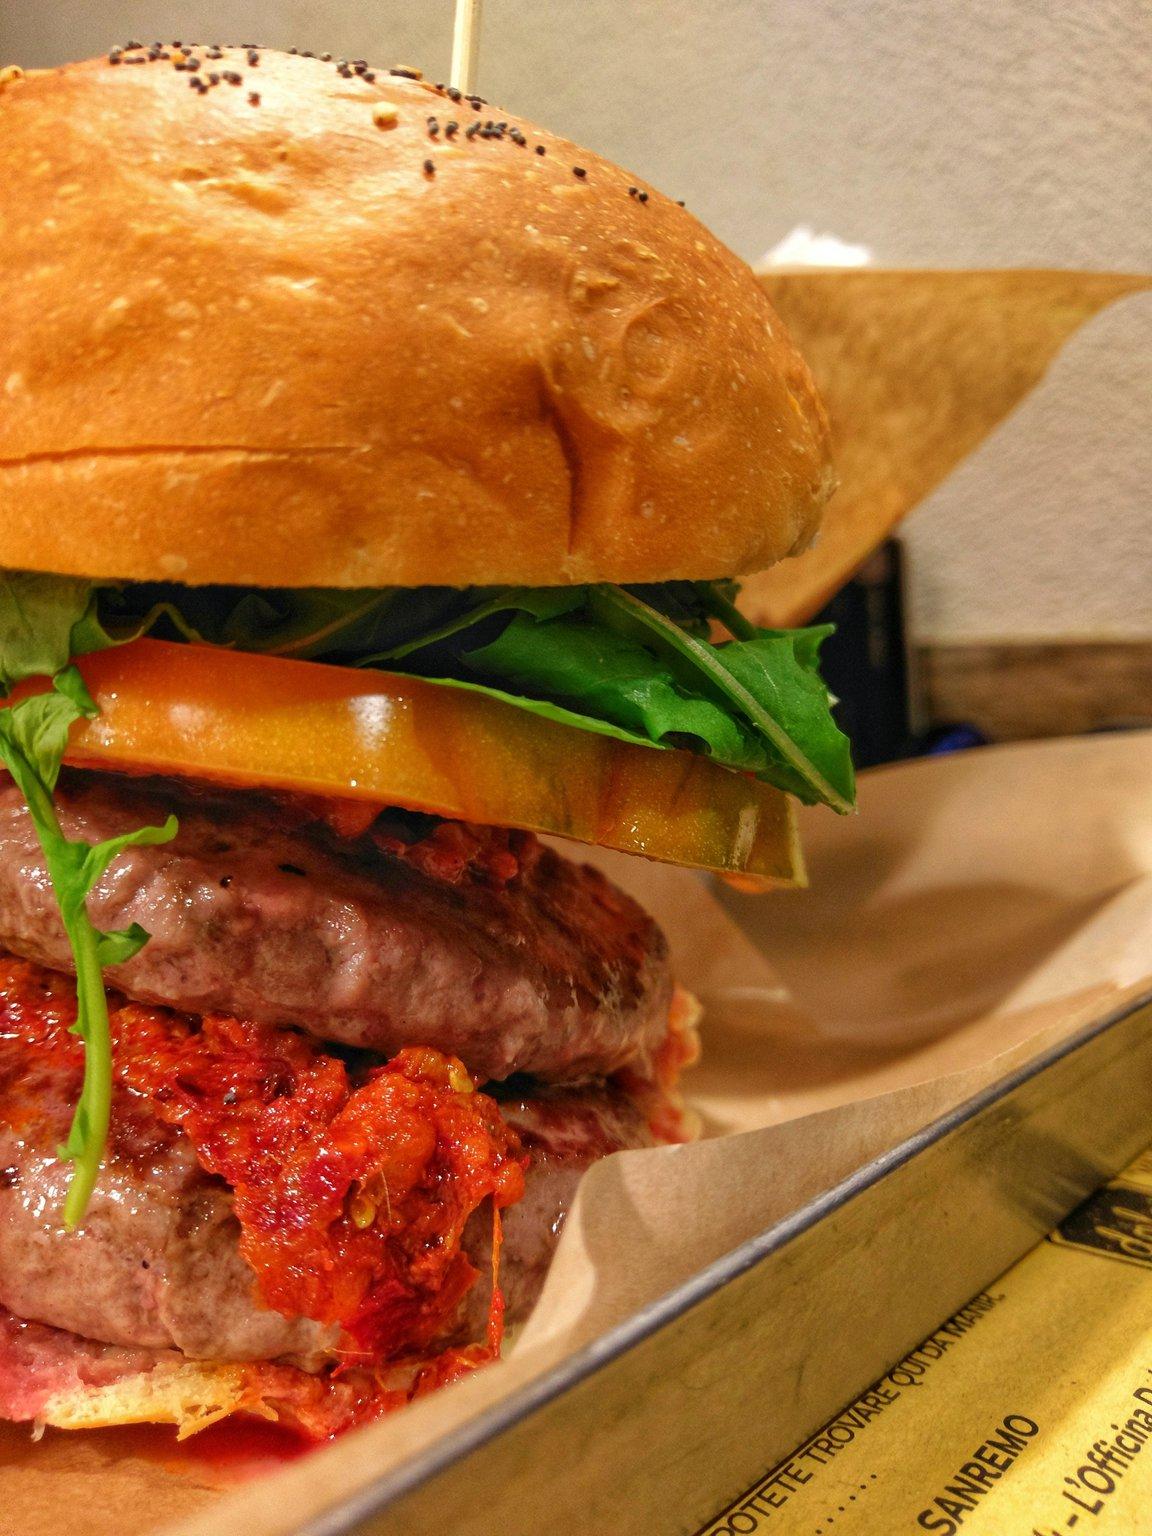 I migliori 10 burger restaurant d'Italia